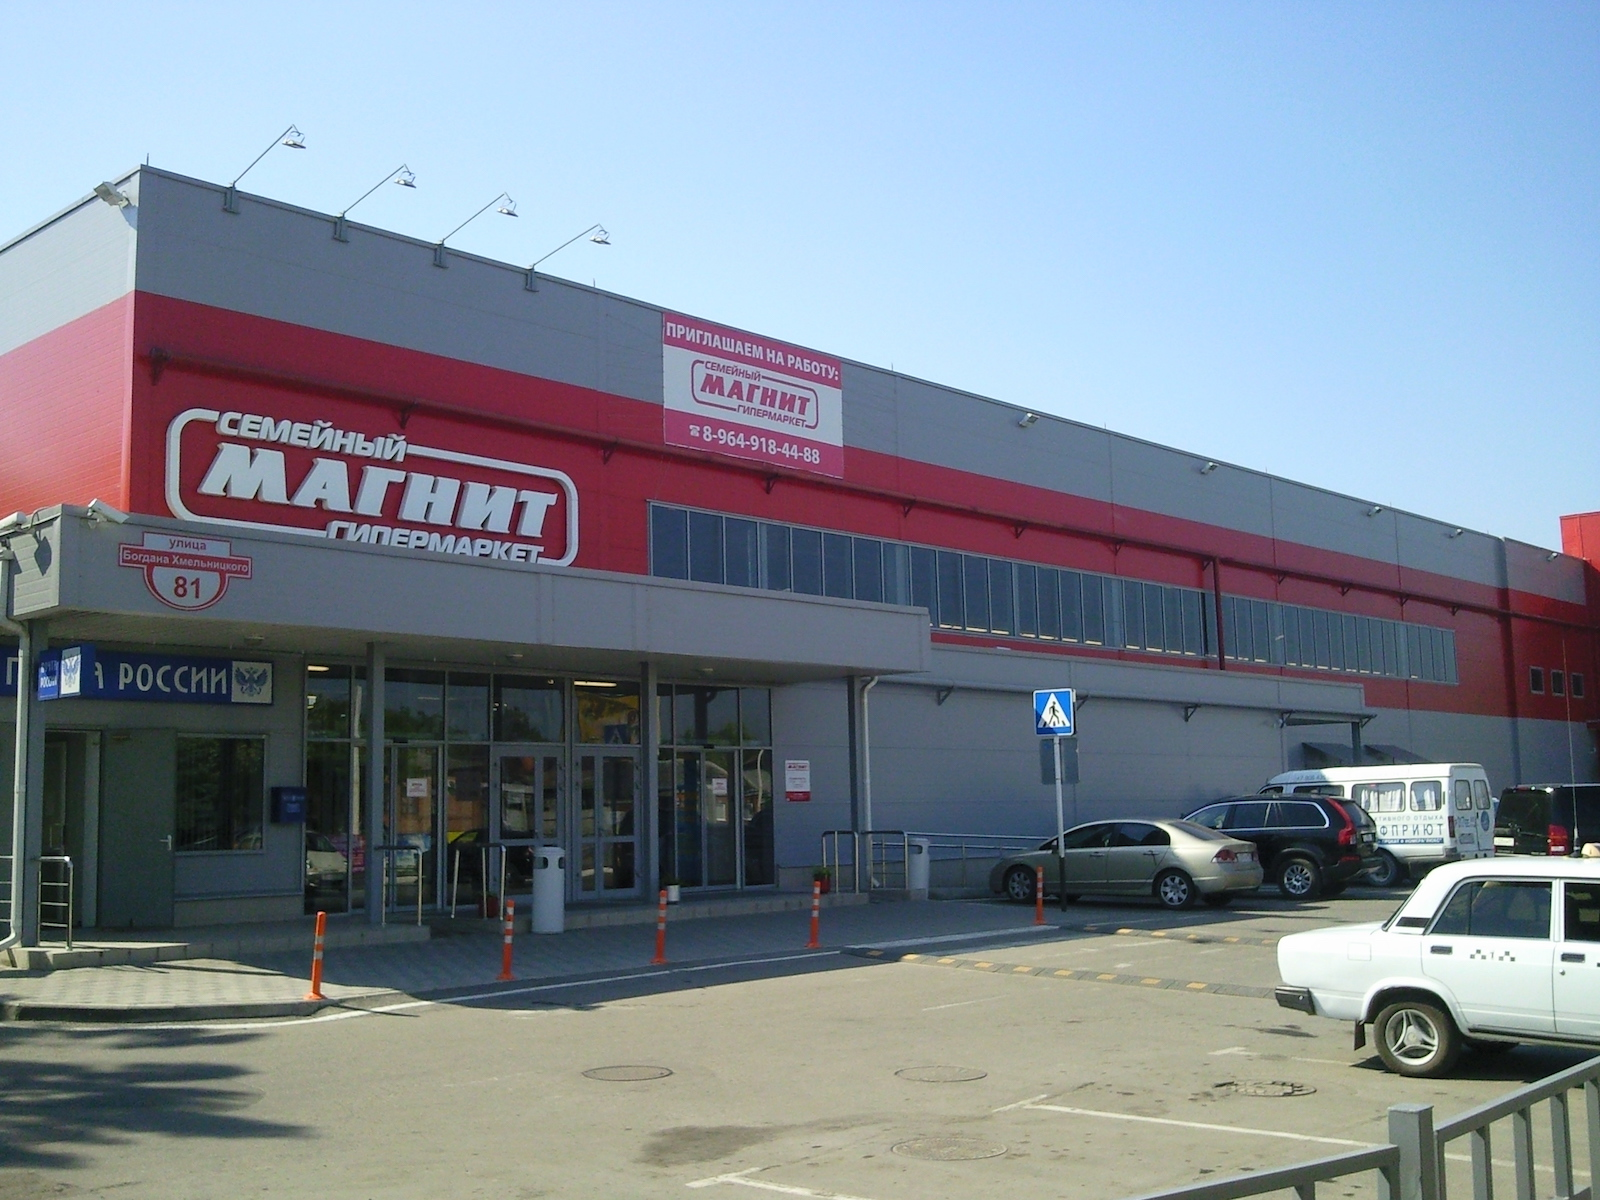 работа в крупных торговых центрах москвы